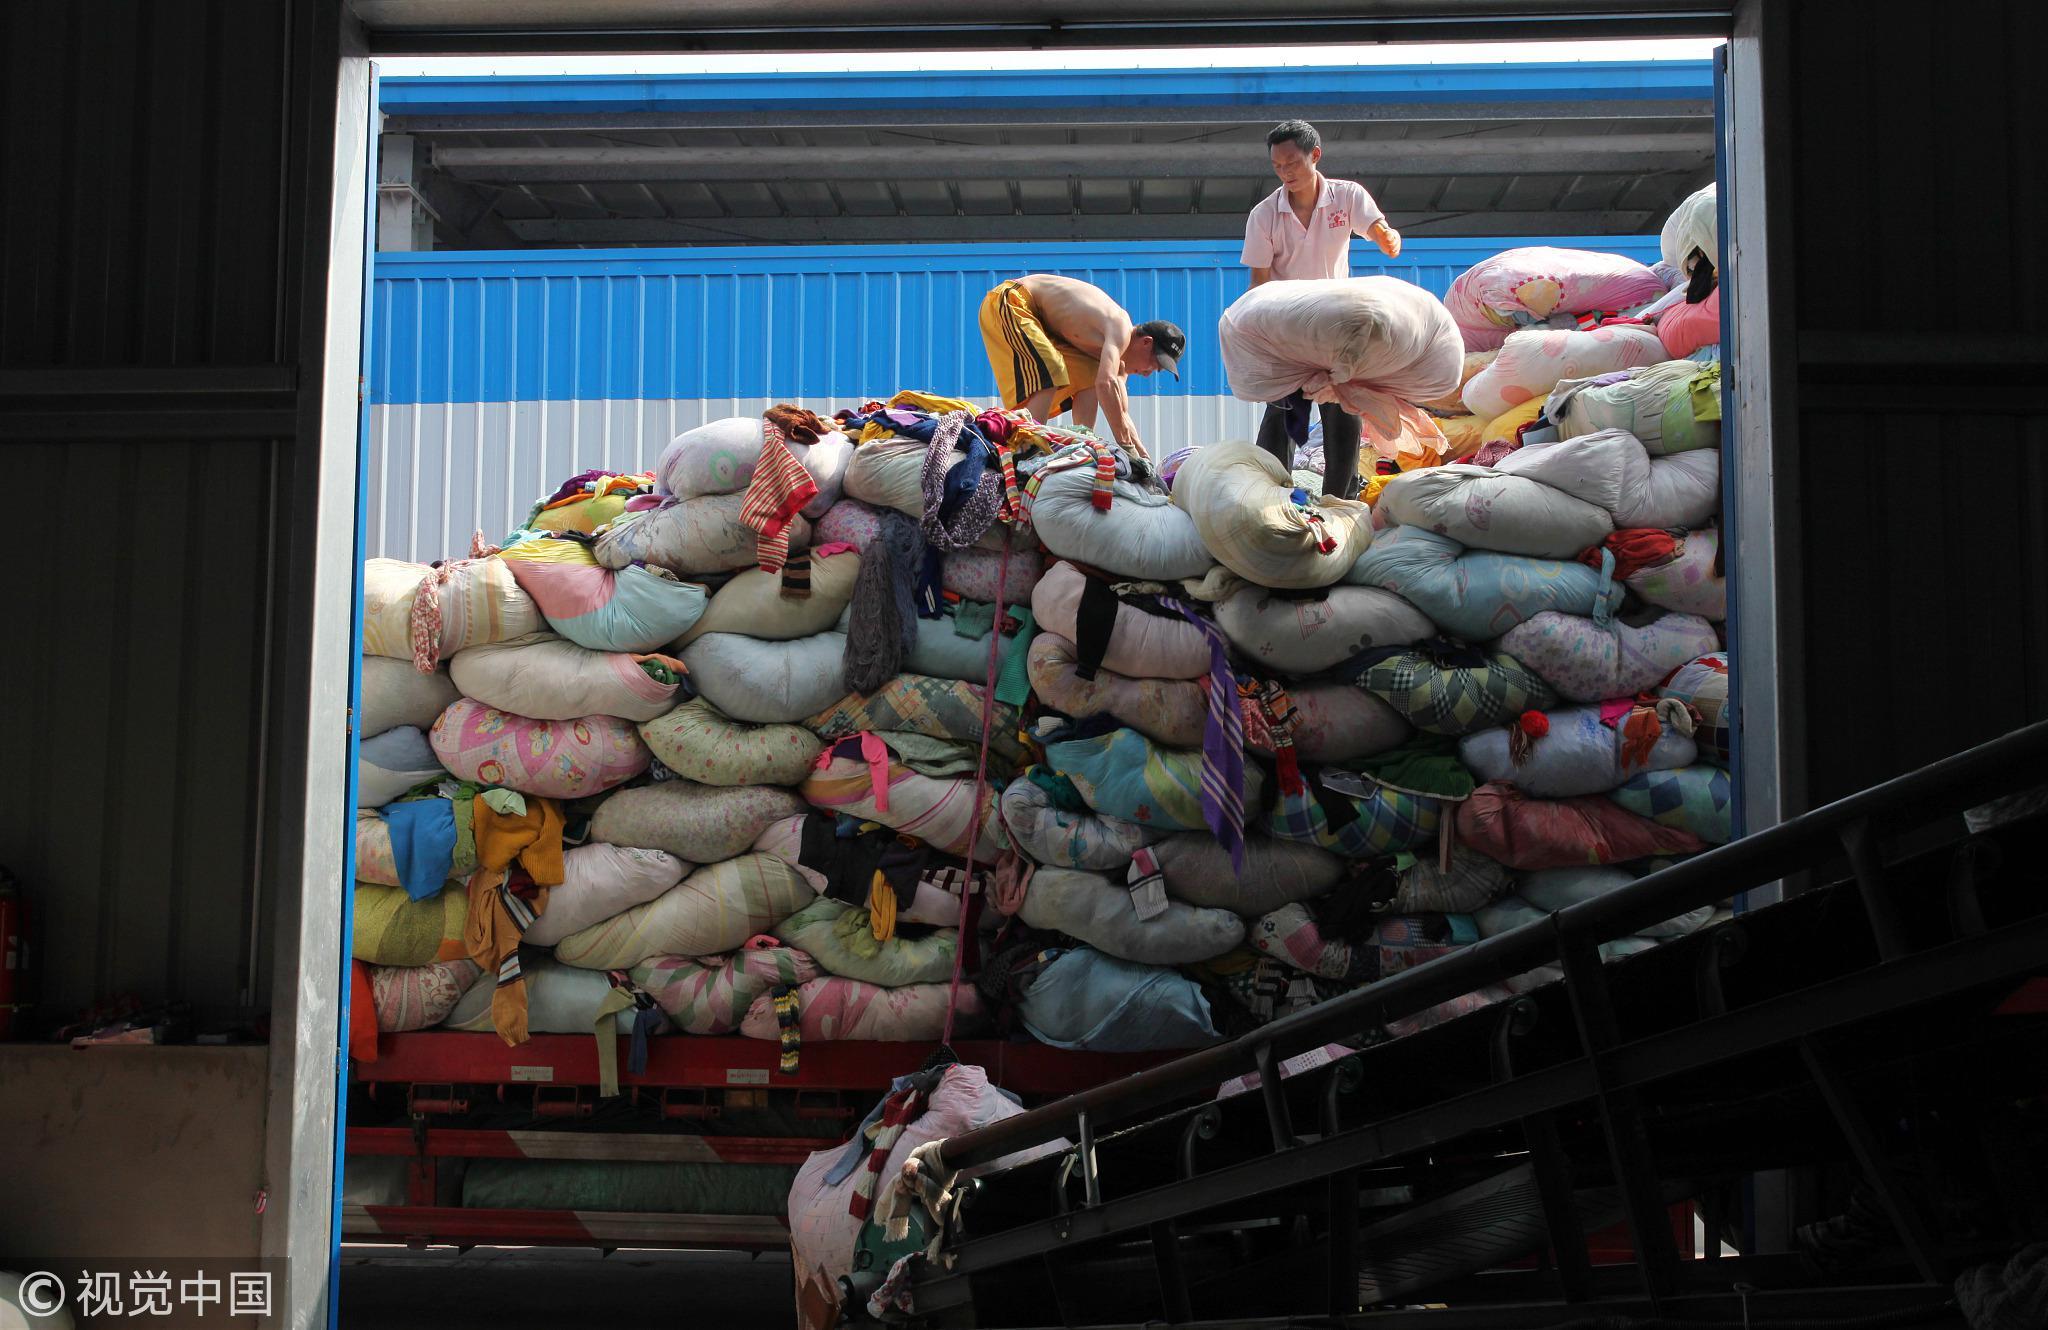 一辆装满一包包废旧纺织品的大卡车正在卸货。/视觉中国